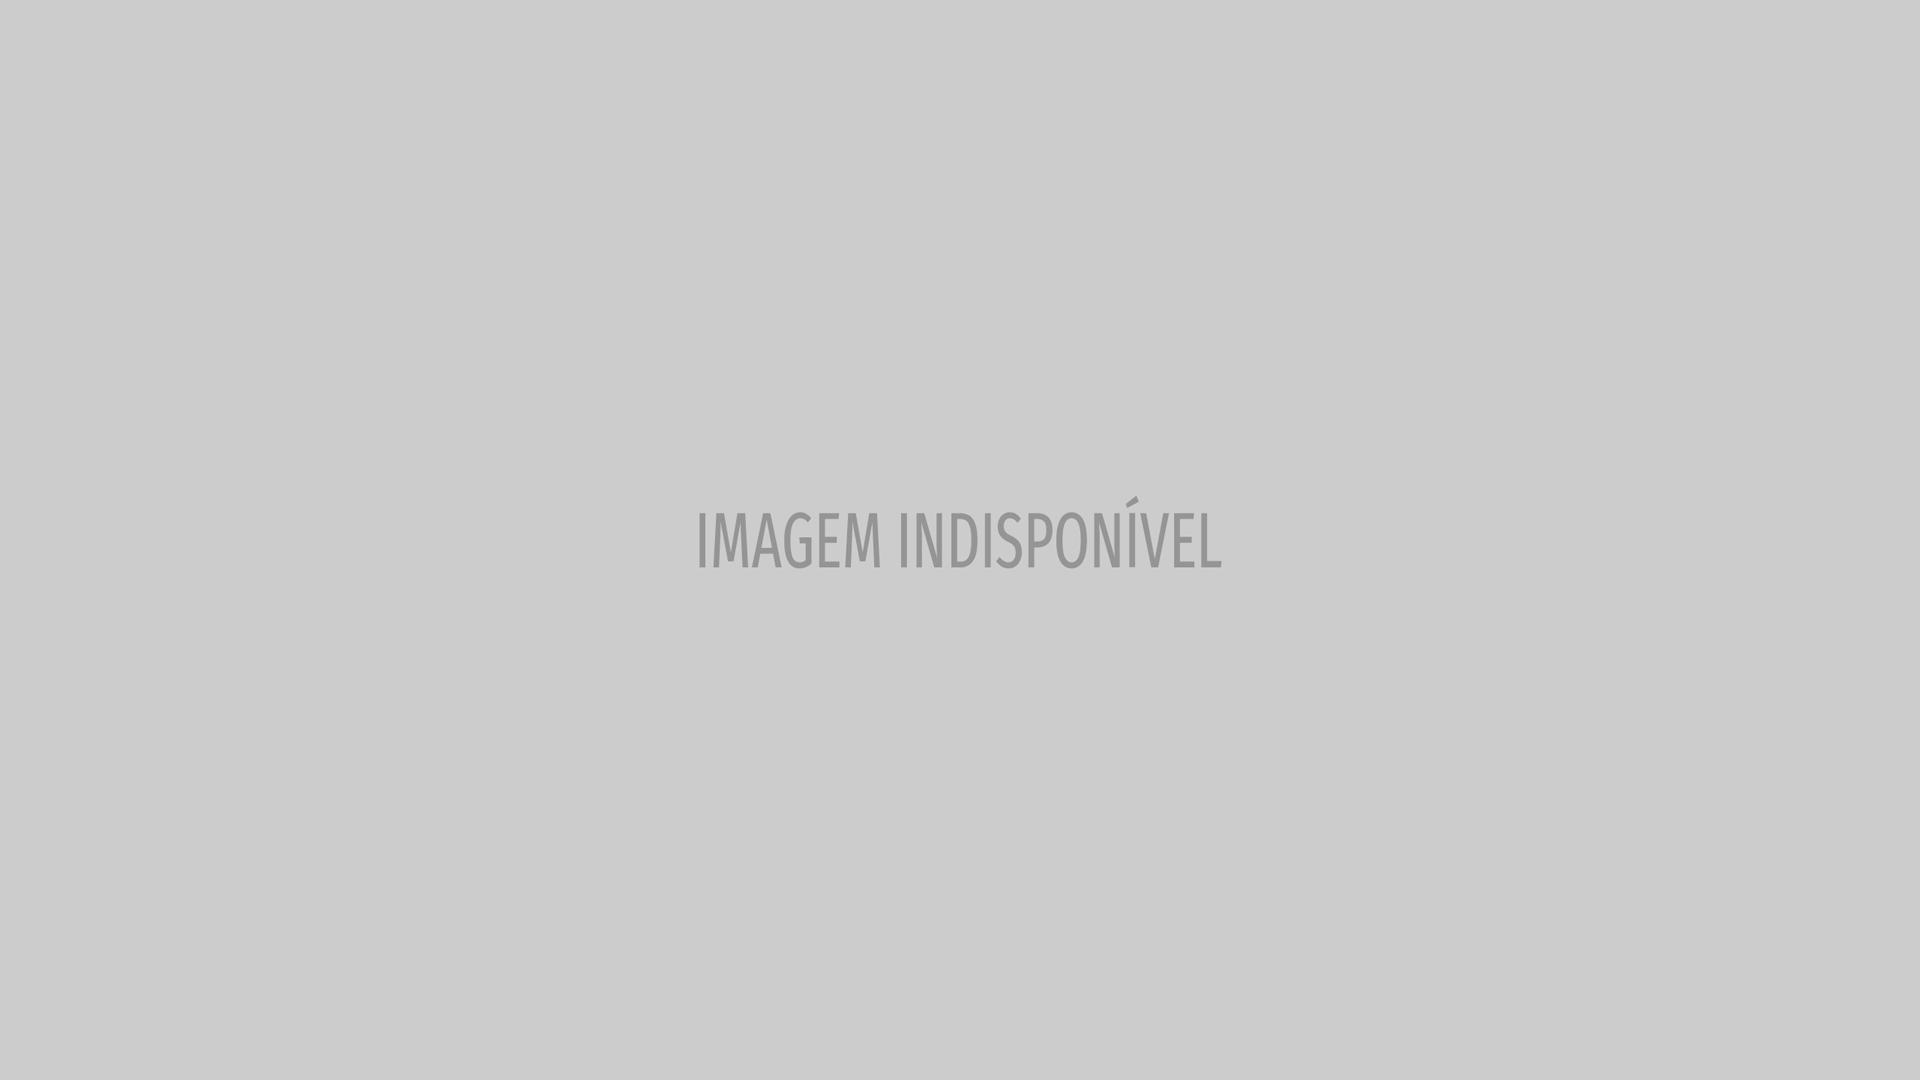 Tony Carreira doa primeira guitarra para ajudar vítimas dos incêndios